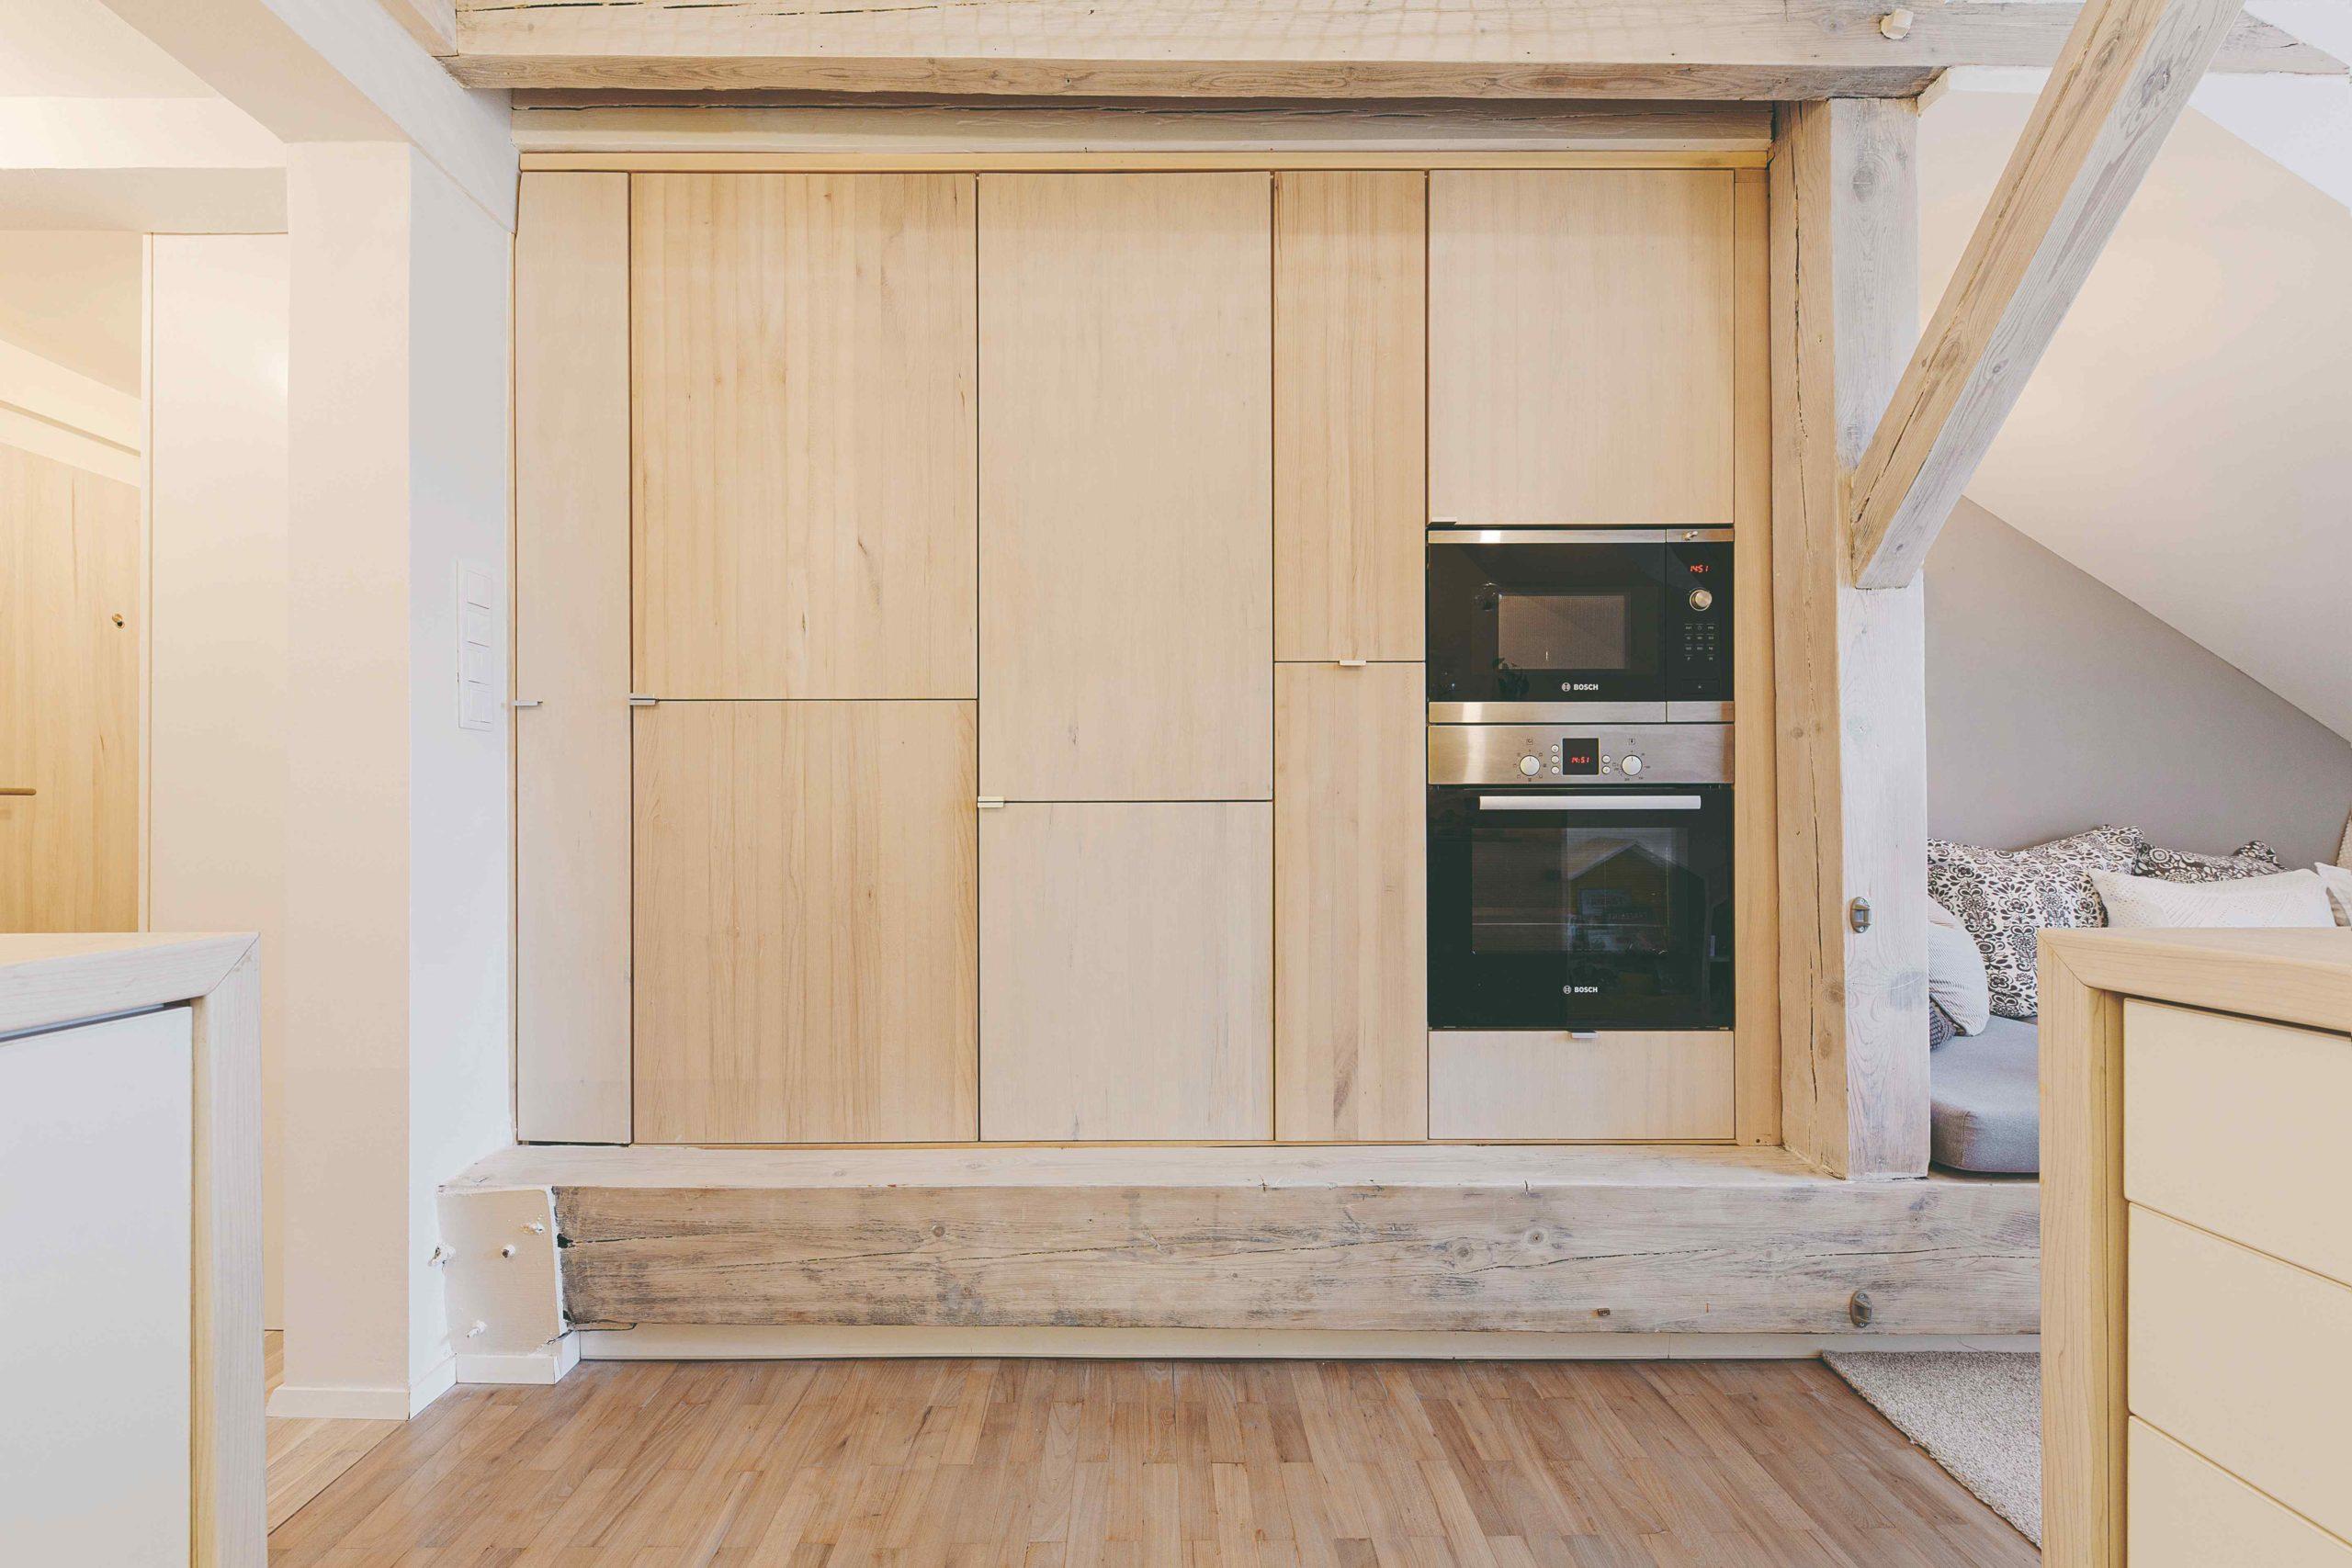 Vestavěné skříňky v kuchyni